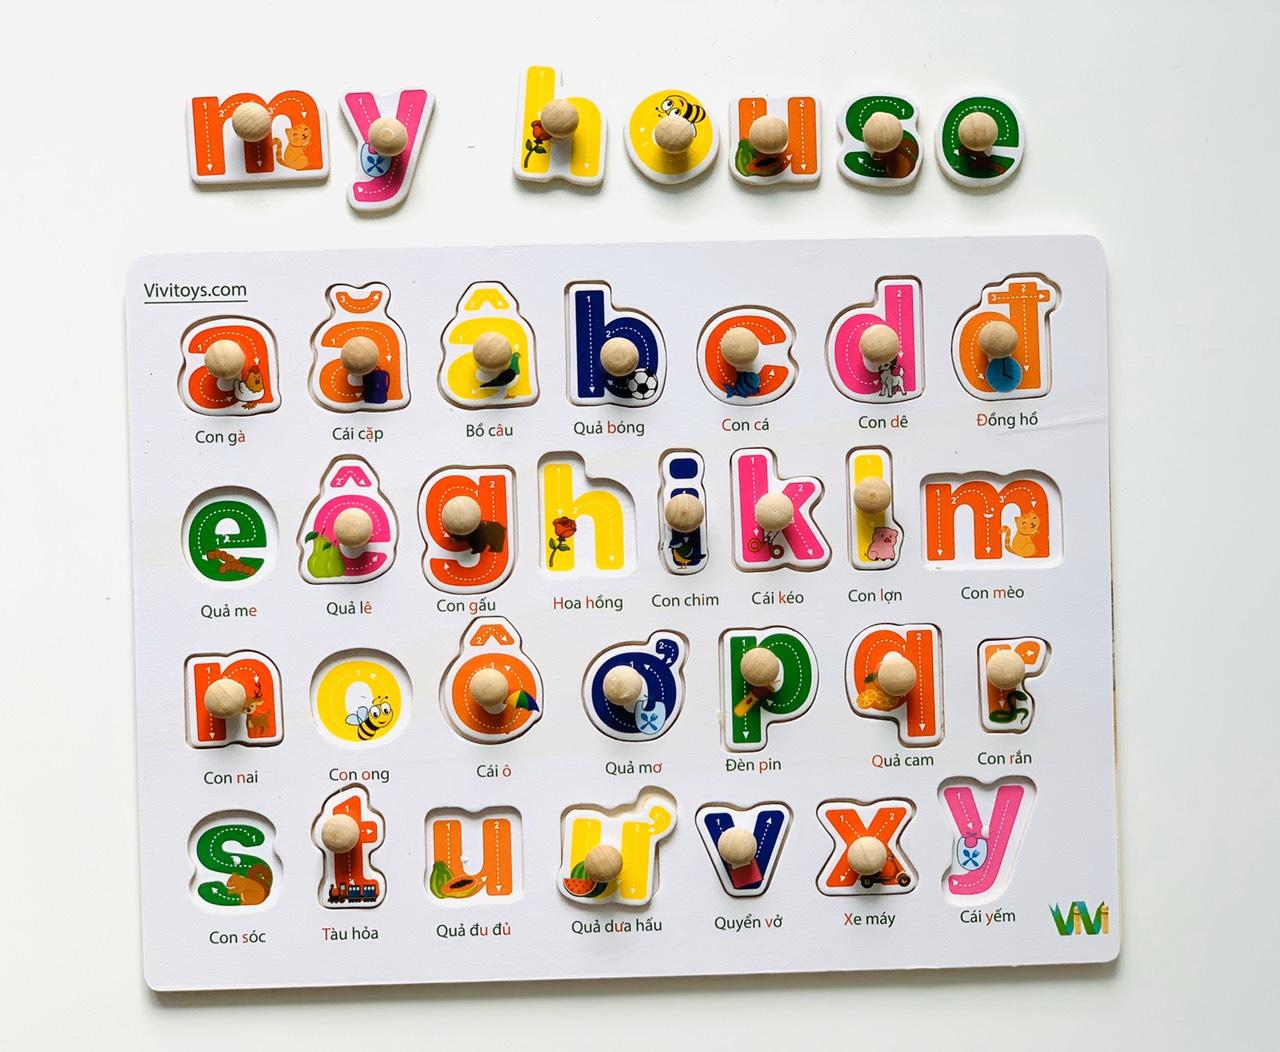 Đồ chơi trí tuệ- Đồ chơi thông minh cho bé bằng gỗ- combo bảng núm gỗ chữ và số MK00115